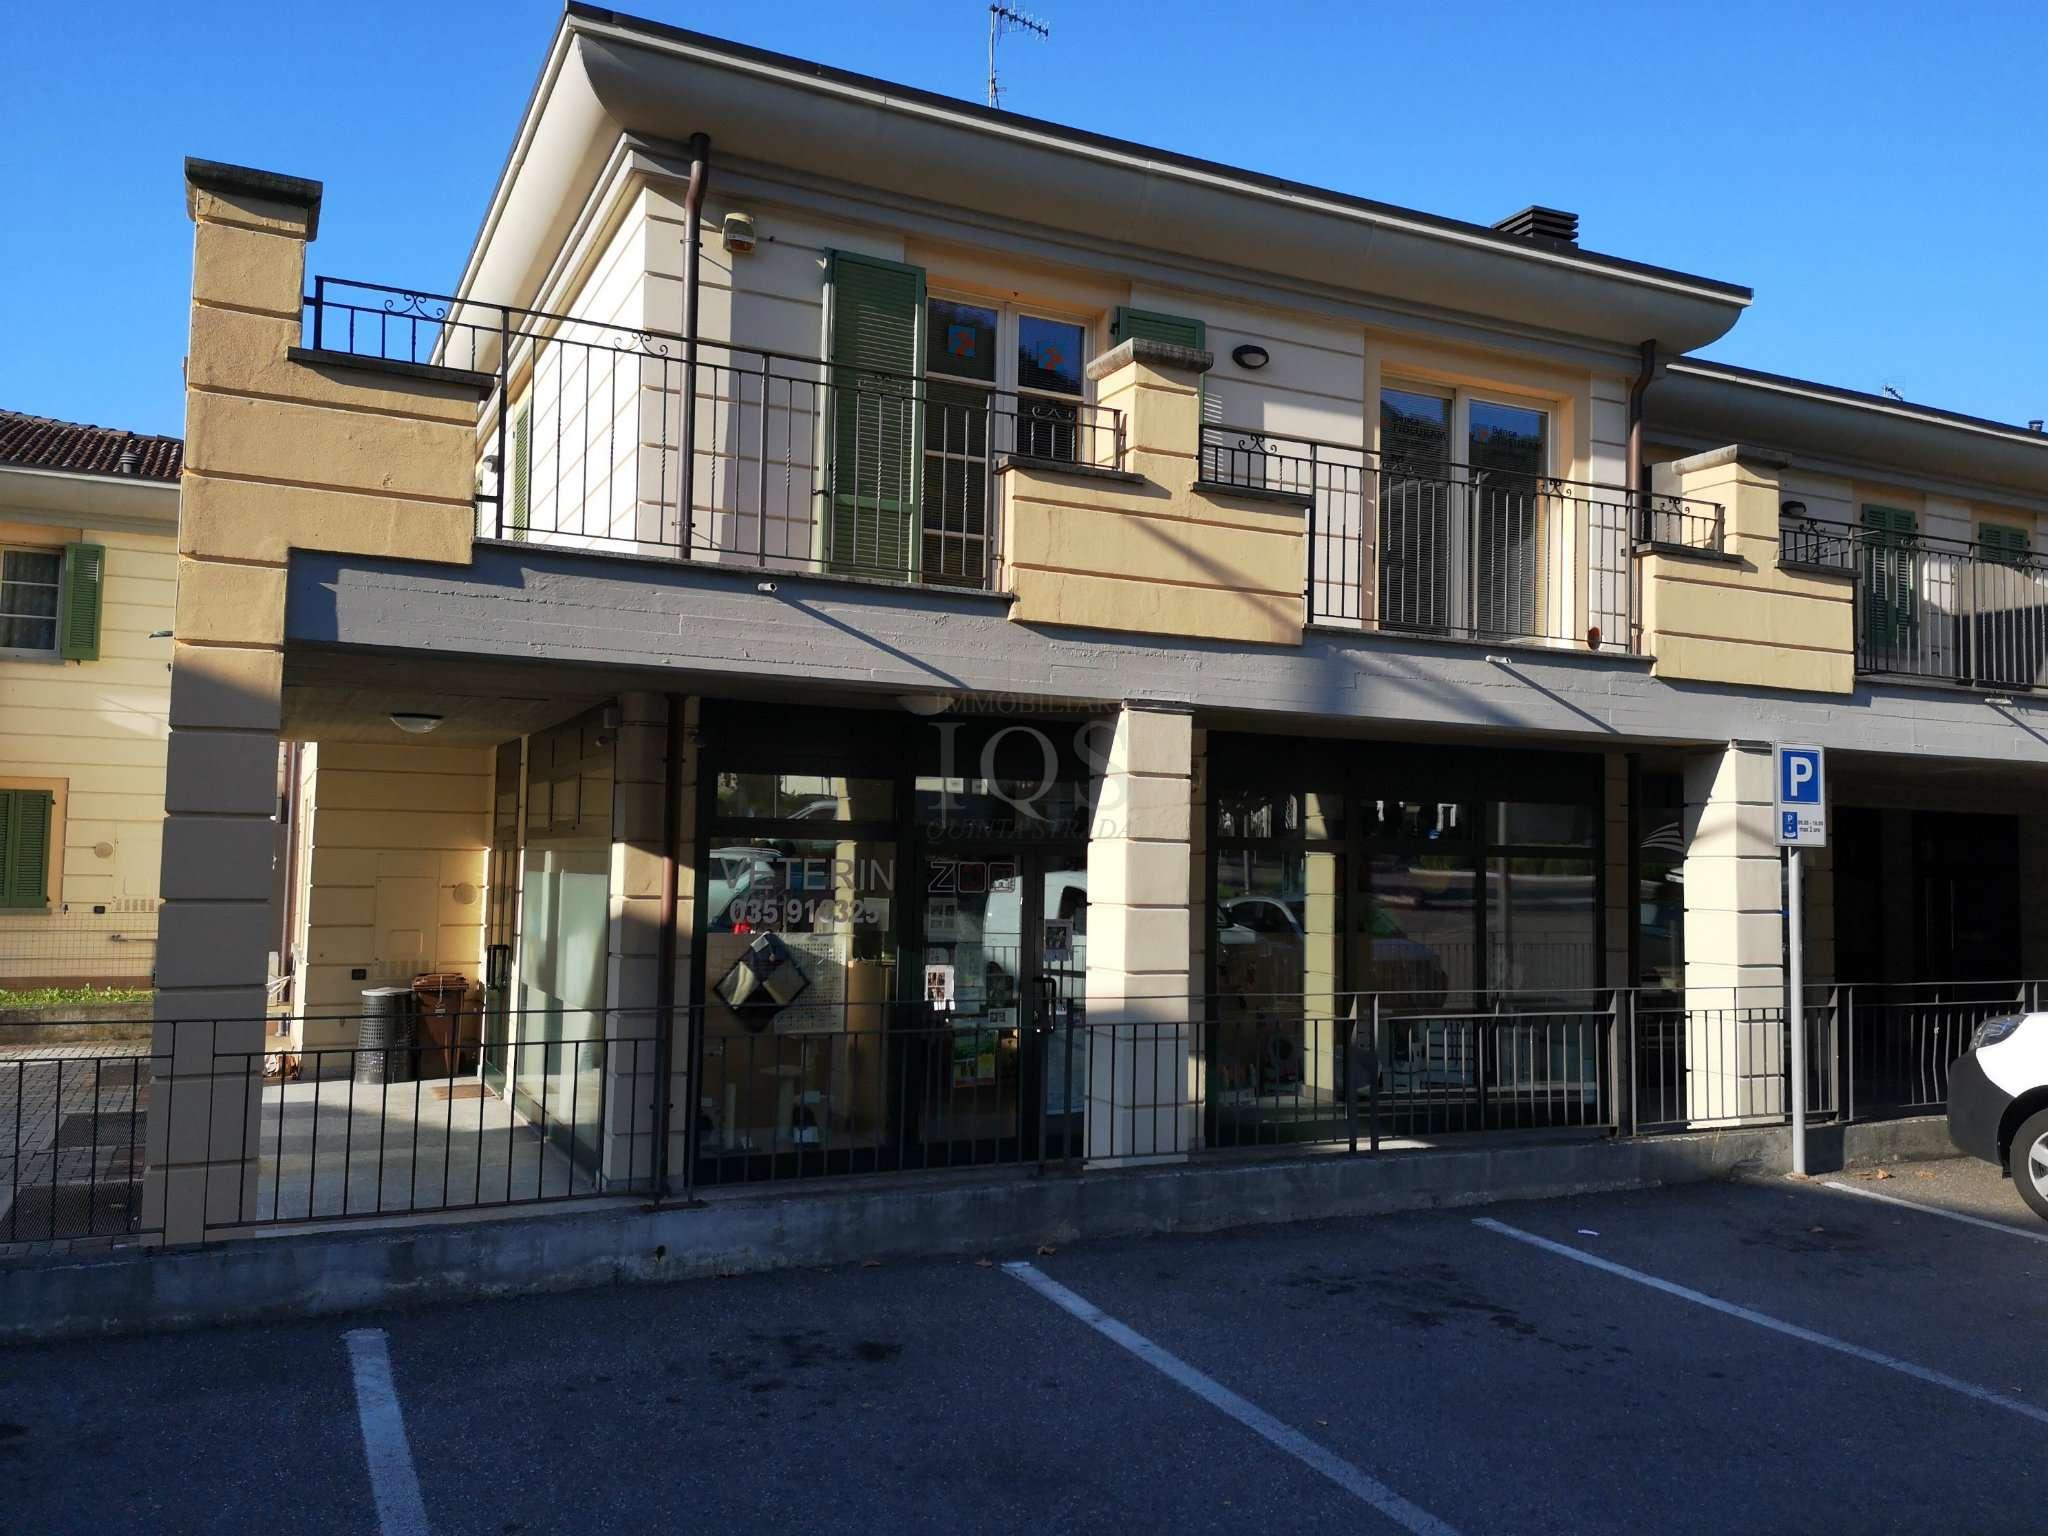 Negozio / Locale in vendita a Sarnico, 4 locali, prezzo € 70.000 | PortaleAgenzieImmobiliari.it